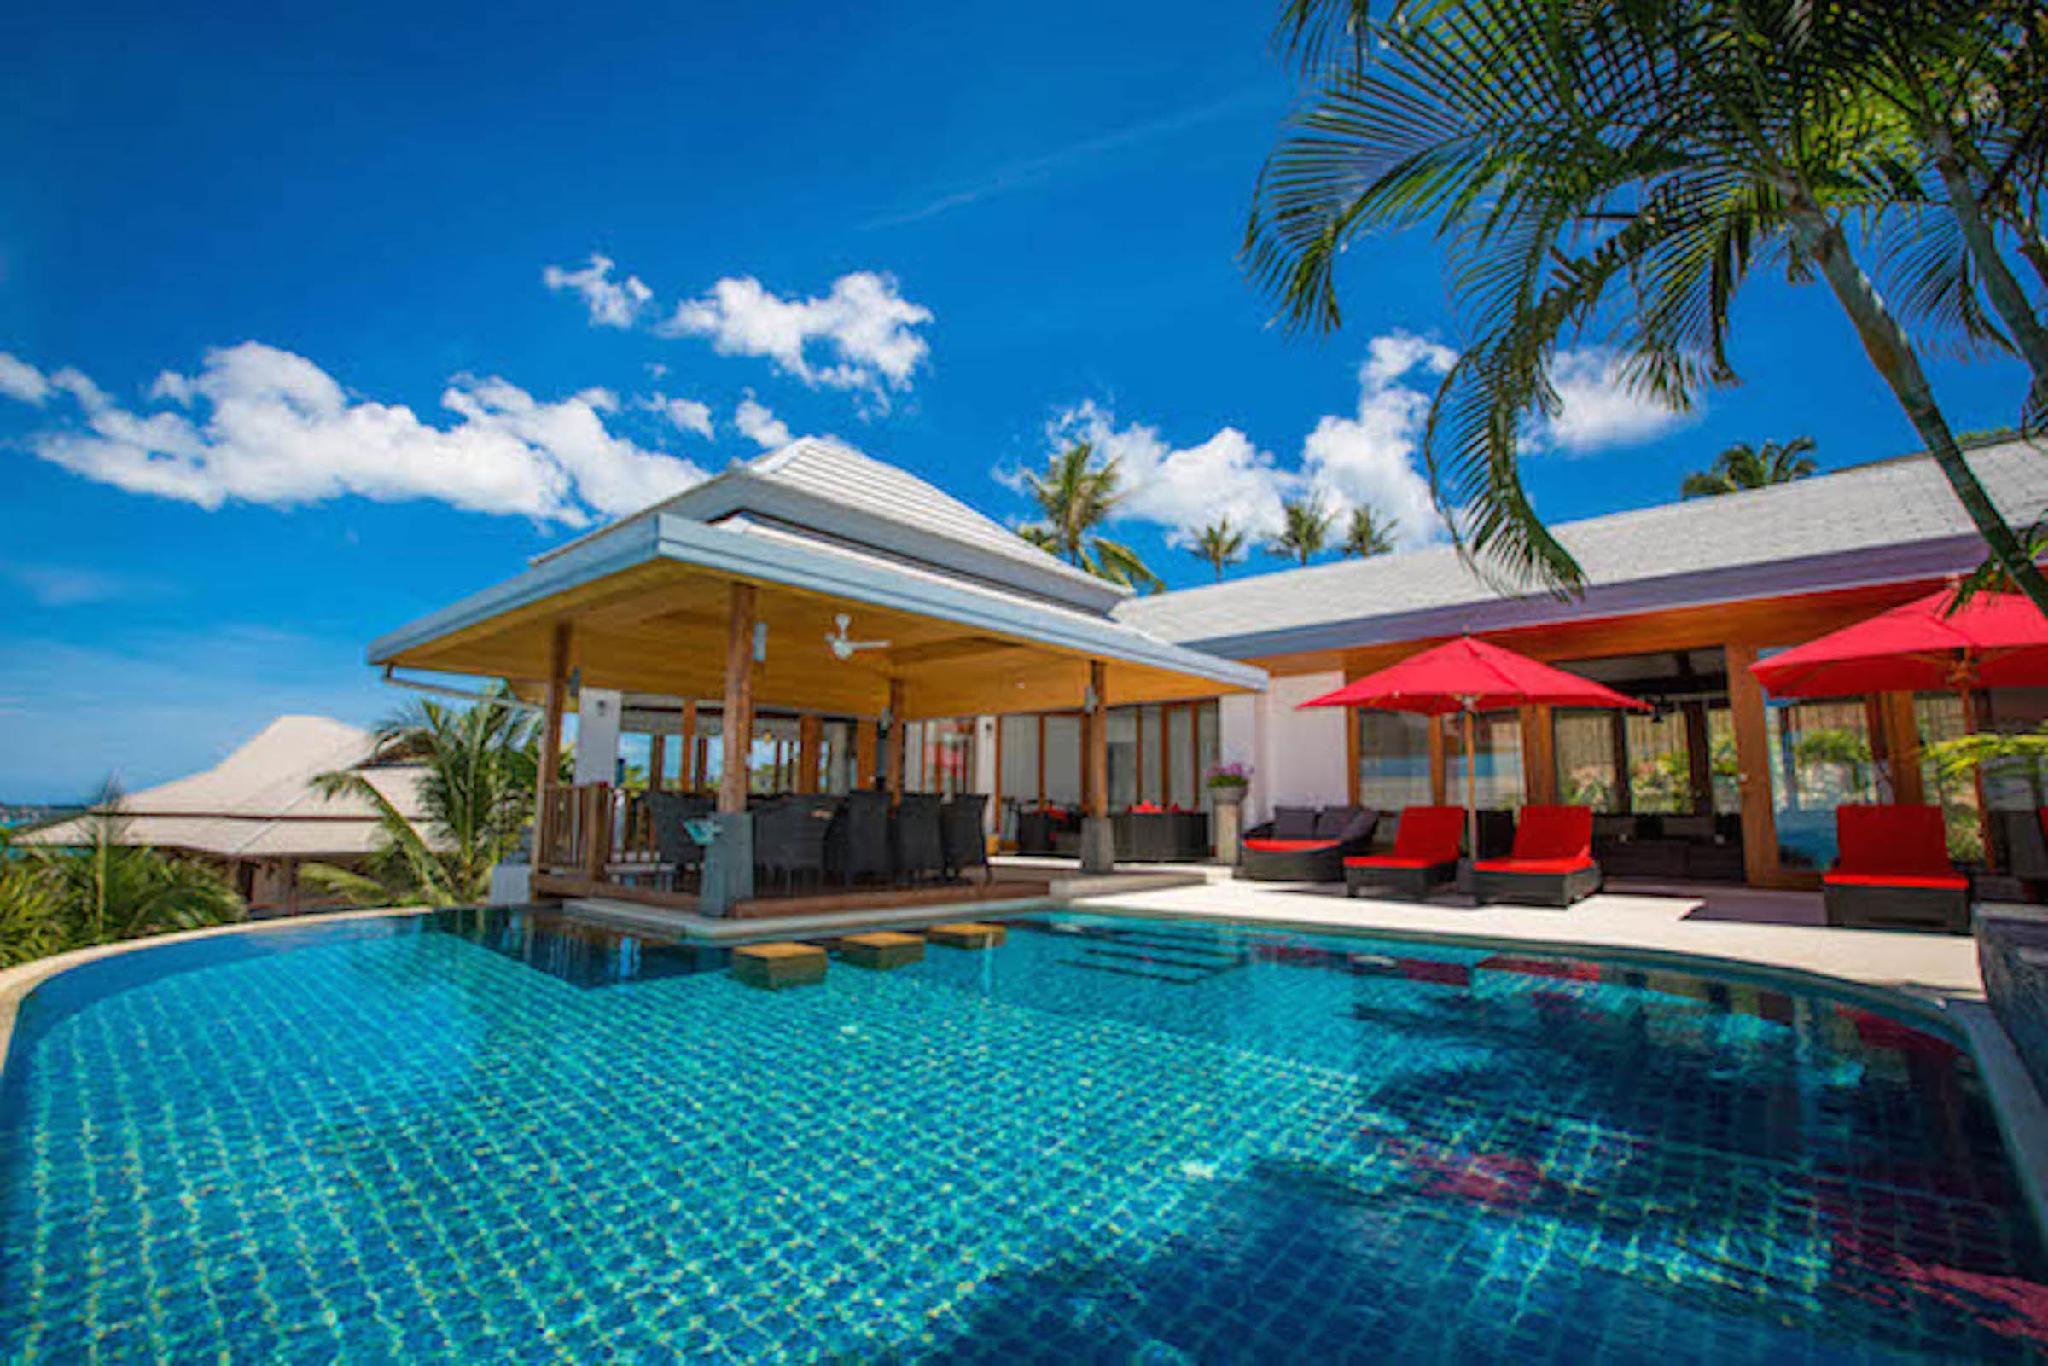 Villa La Vue 5 BDRM Sea View Private Pool